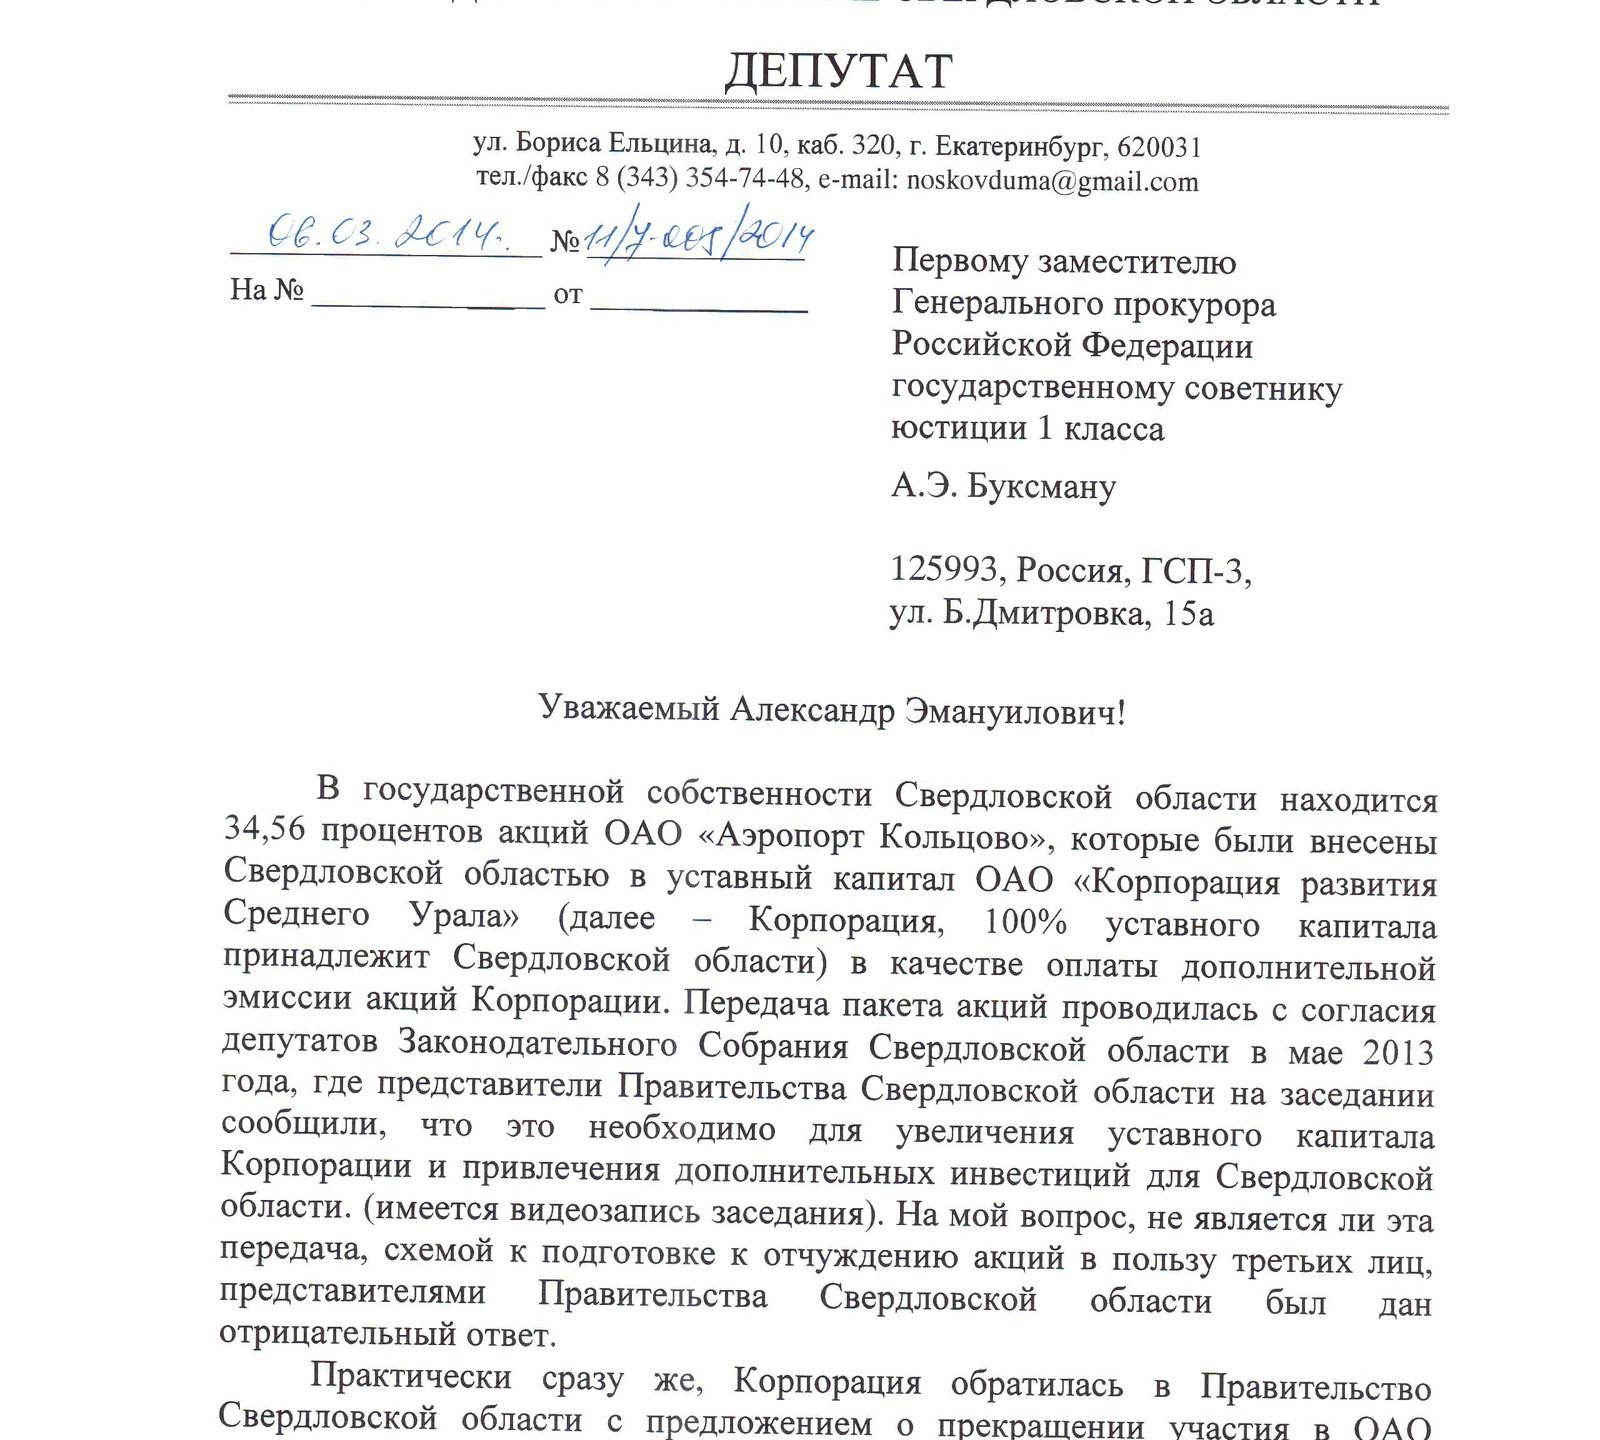 запрос в Генеральную Прокуратуру РФ